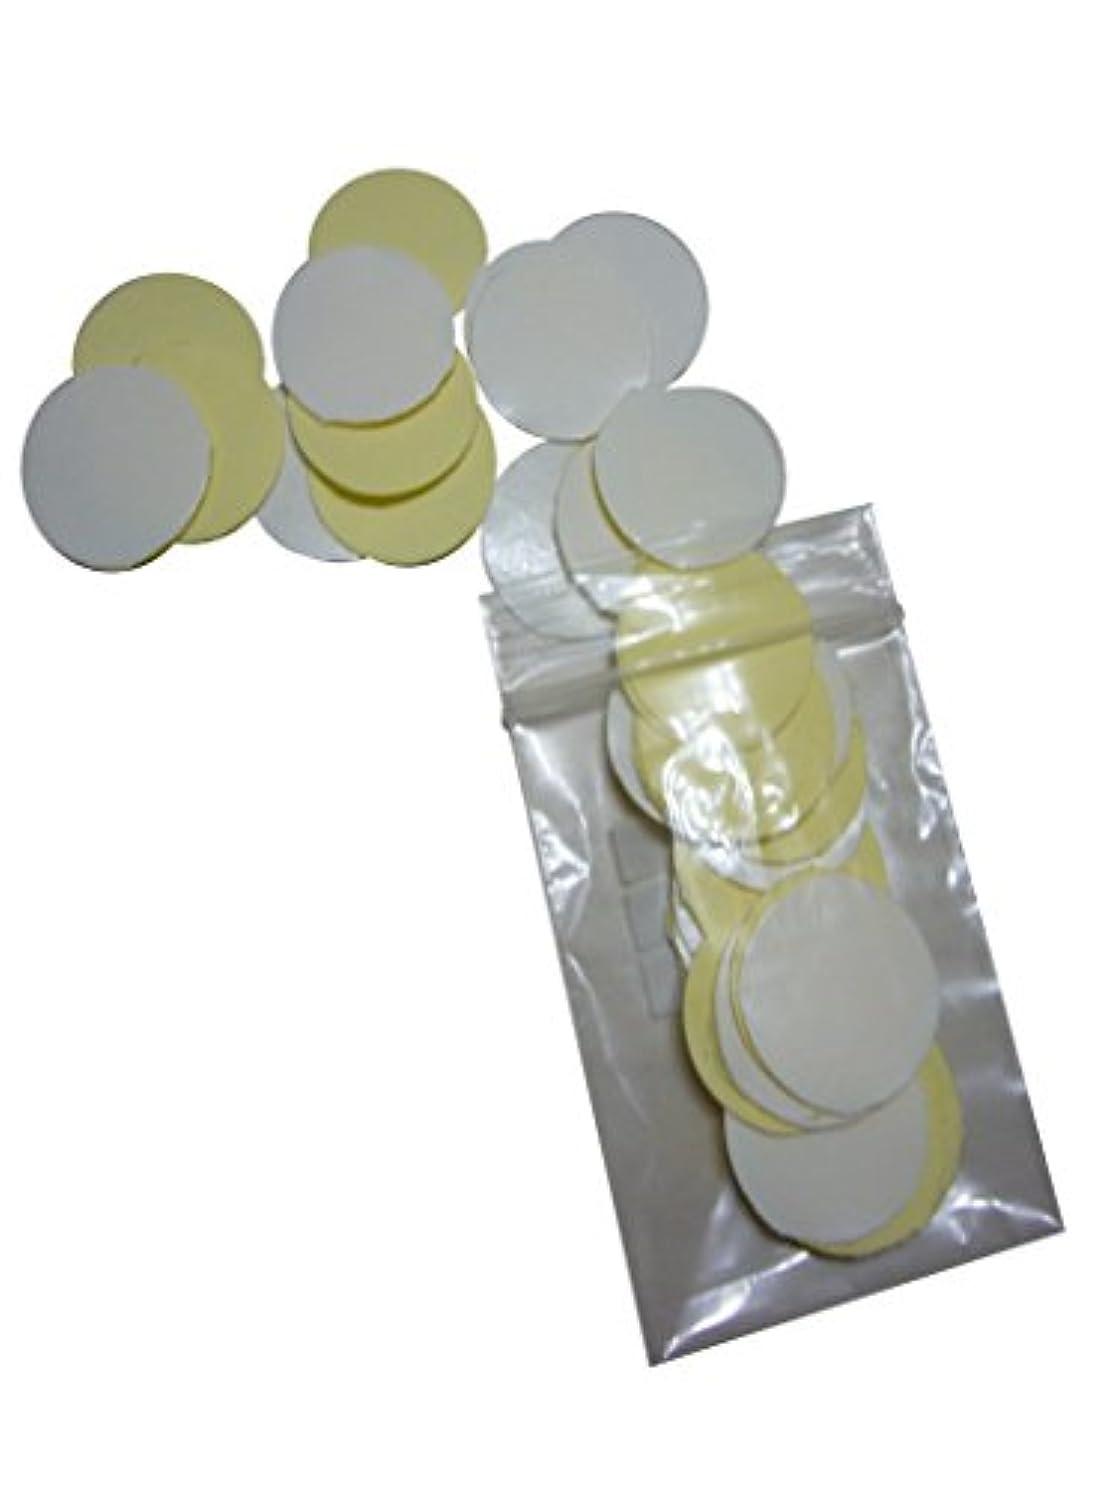 ネックレットバルセロナ列挙するチュールキュア用 追加かつら専用シール40個 直径2.5cm 普通サイズ